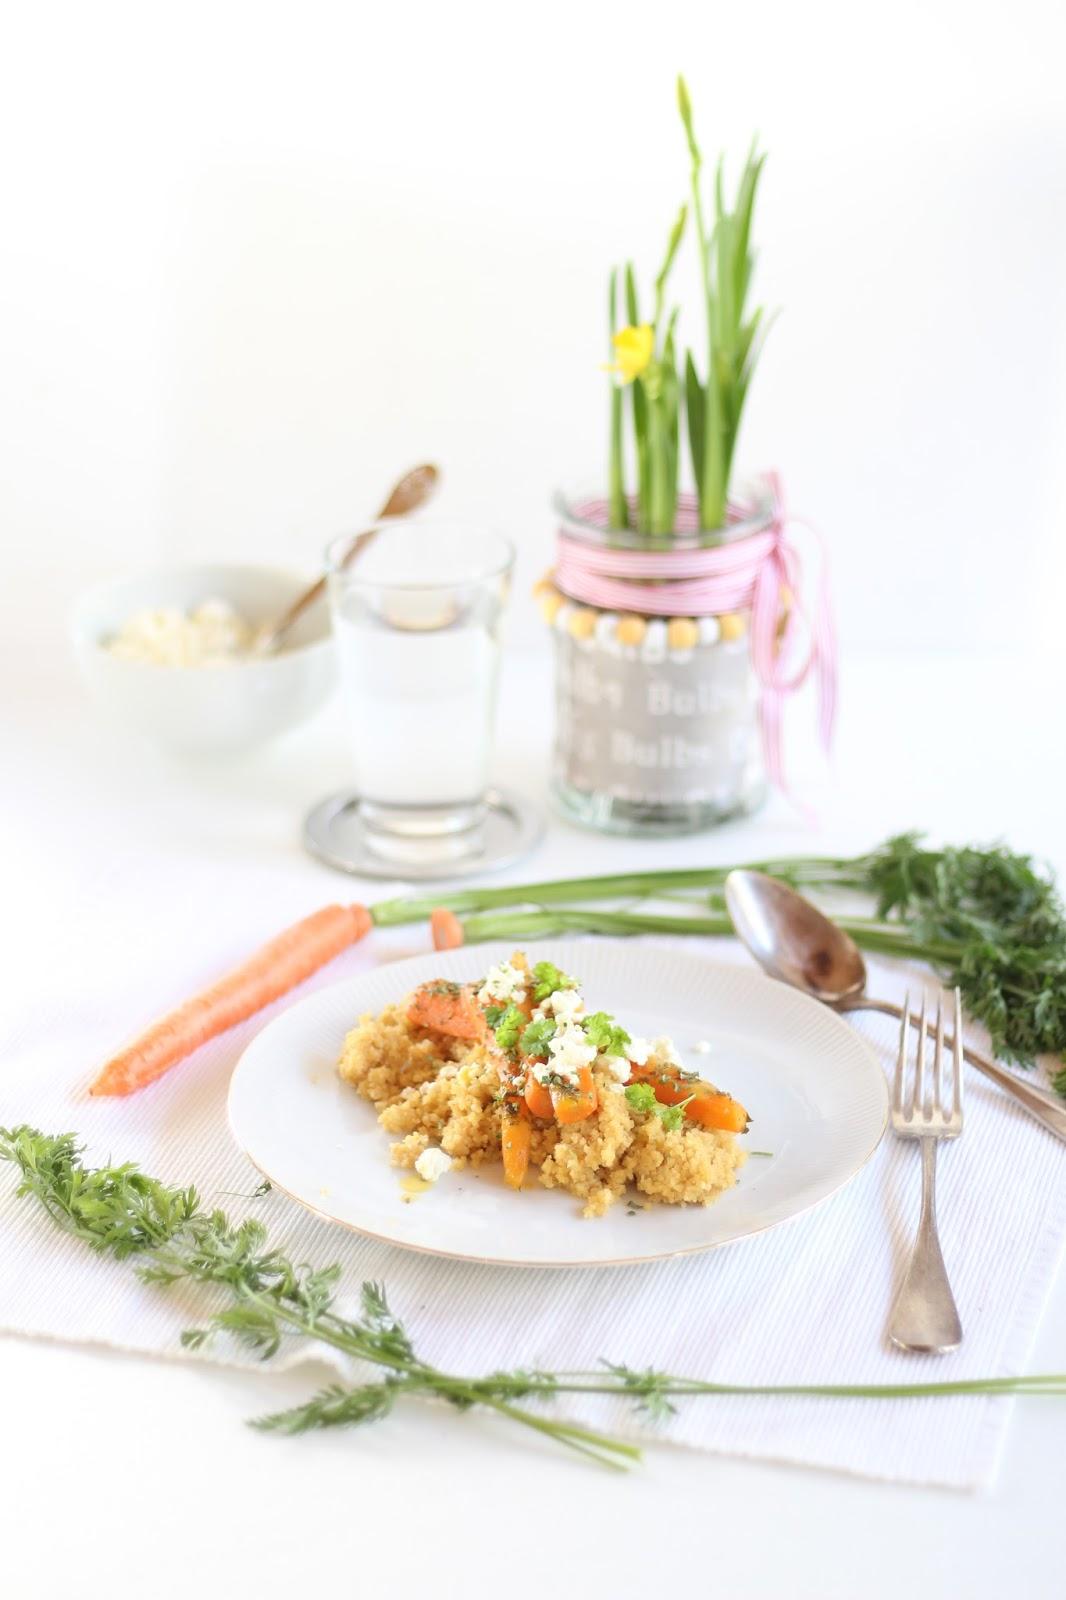 Orangen Couscous mit Möhren - das Rezept findet ihr auf dem Blog